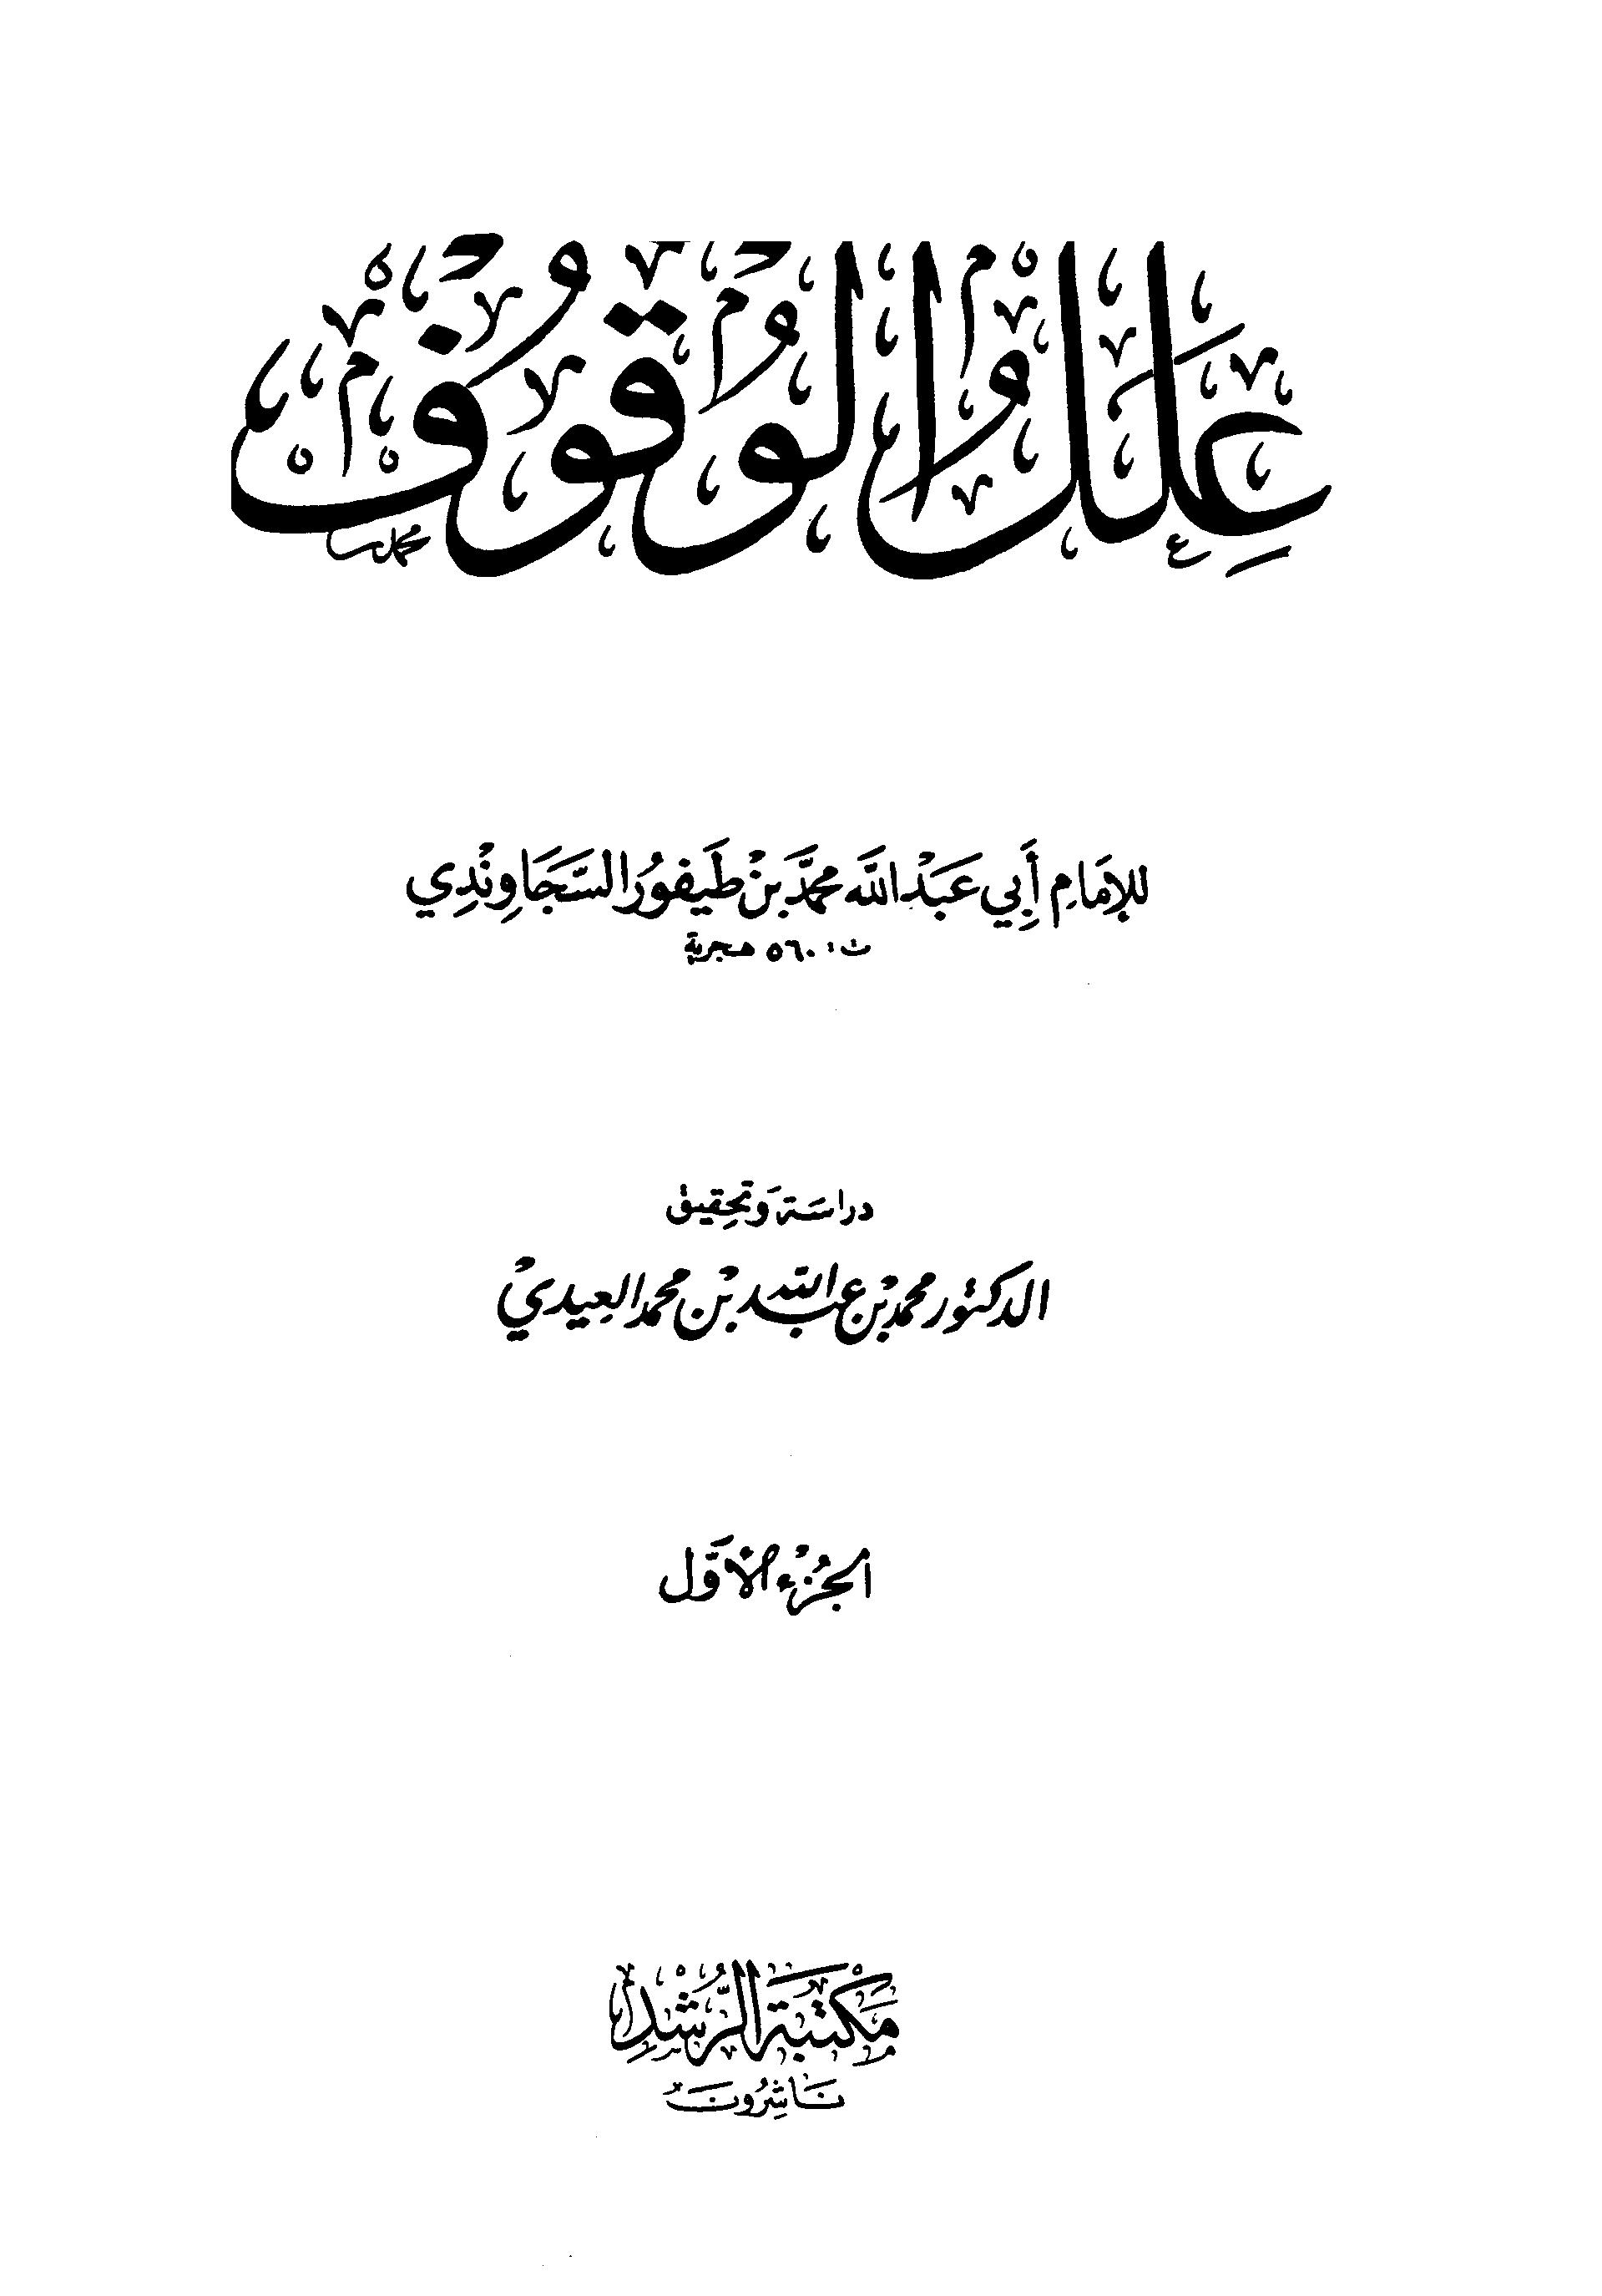 تحميل كتاب علل الوقوف لـِ: الإمام أبو عبد الله محمد بن طيفور السجاوندي (ت 560)